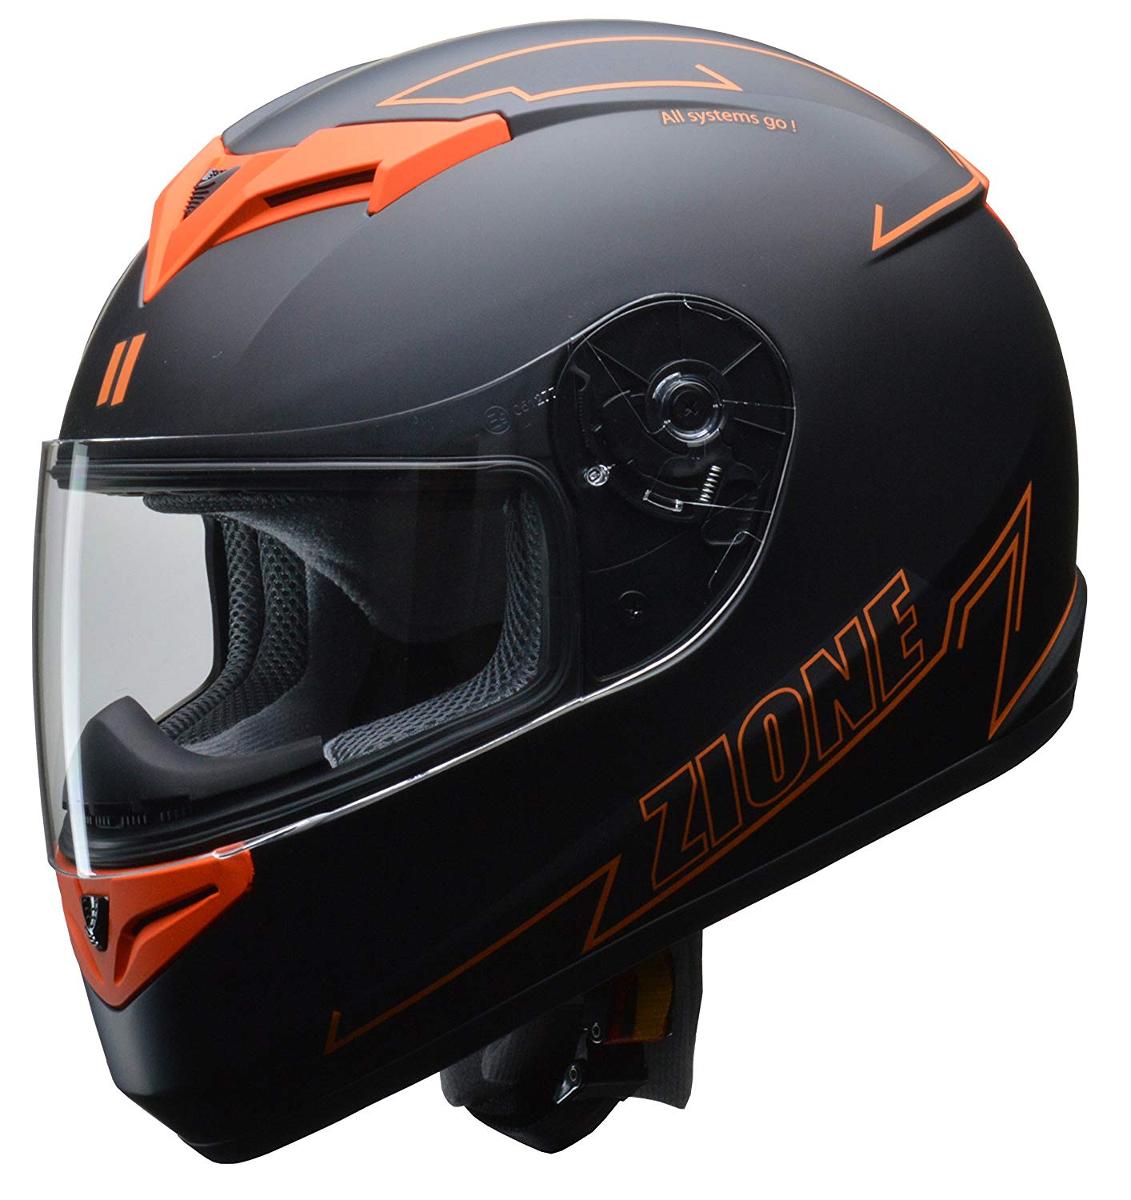 リード工業 フルフェイスヘルメット ZIONE (ジオーネ) オレンジ Lサイズ (59-60cm未満)